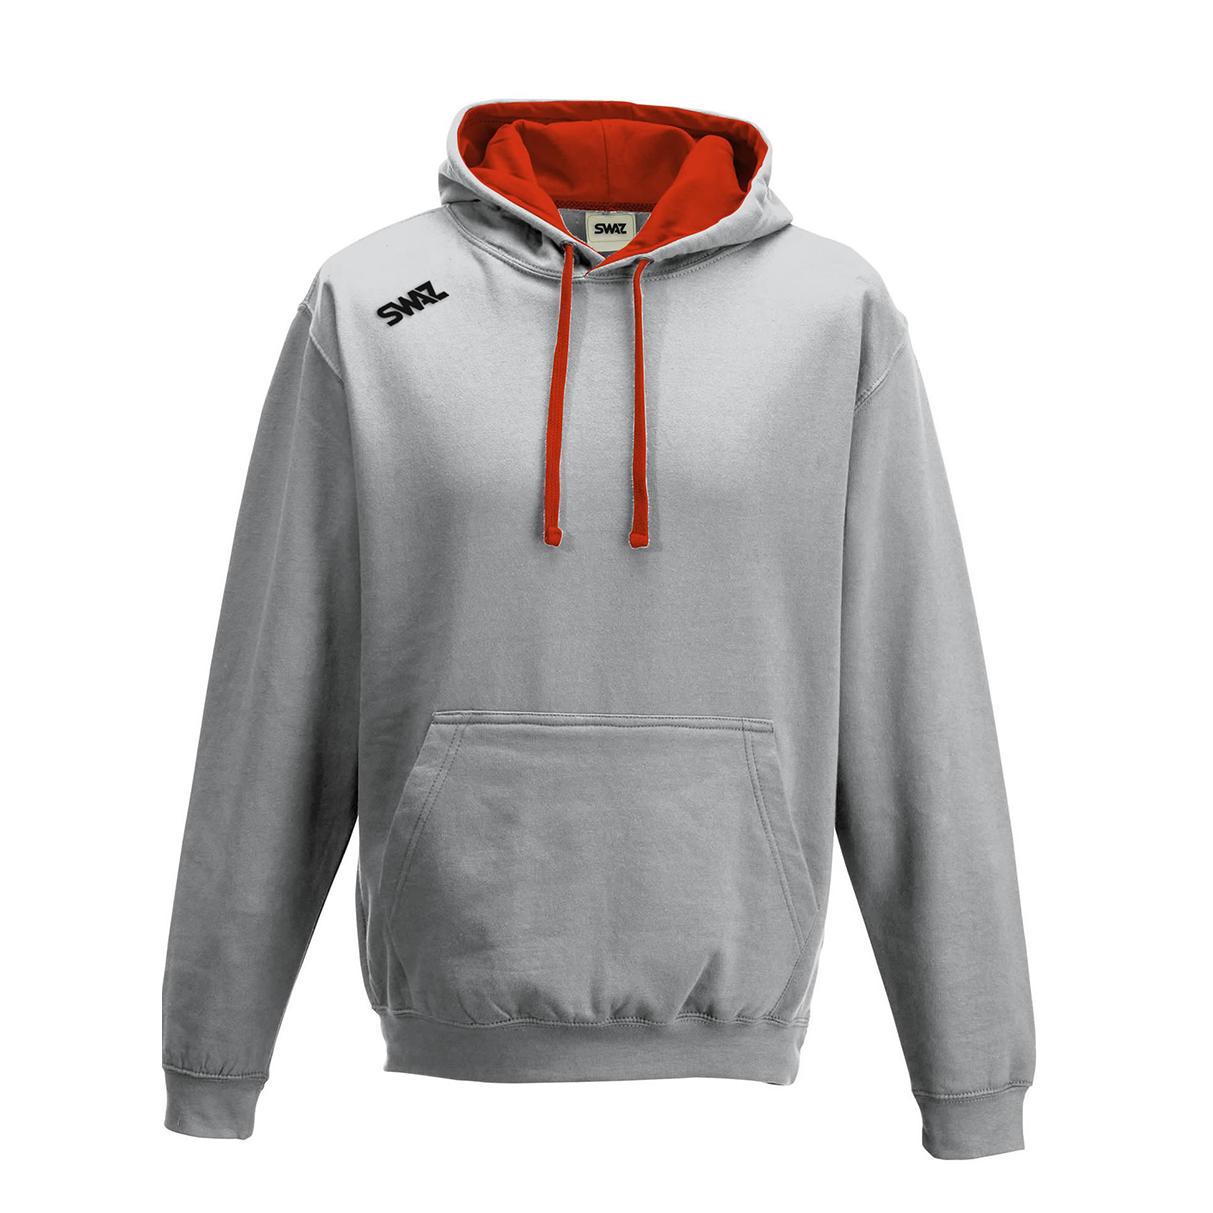 SWAZ Youth Club Hoody – Grey/Red